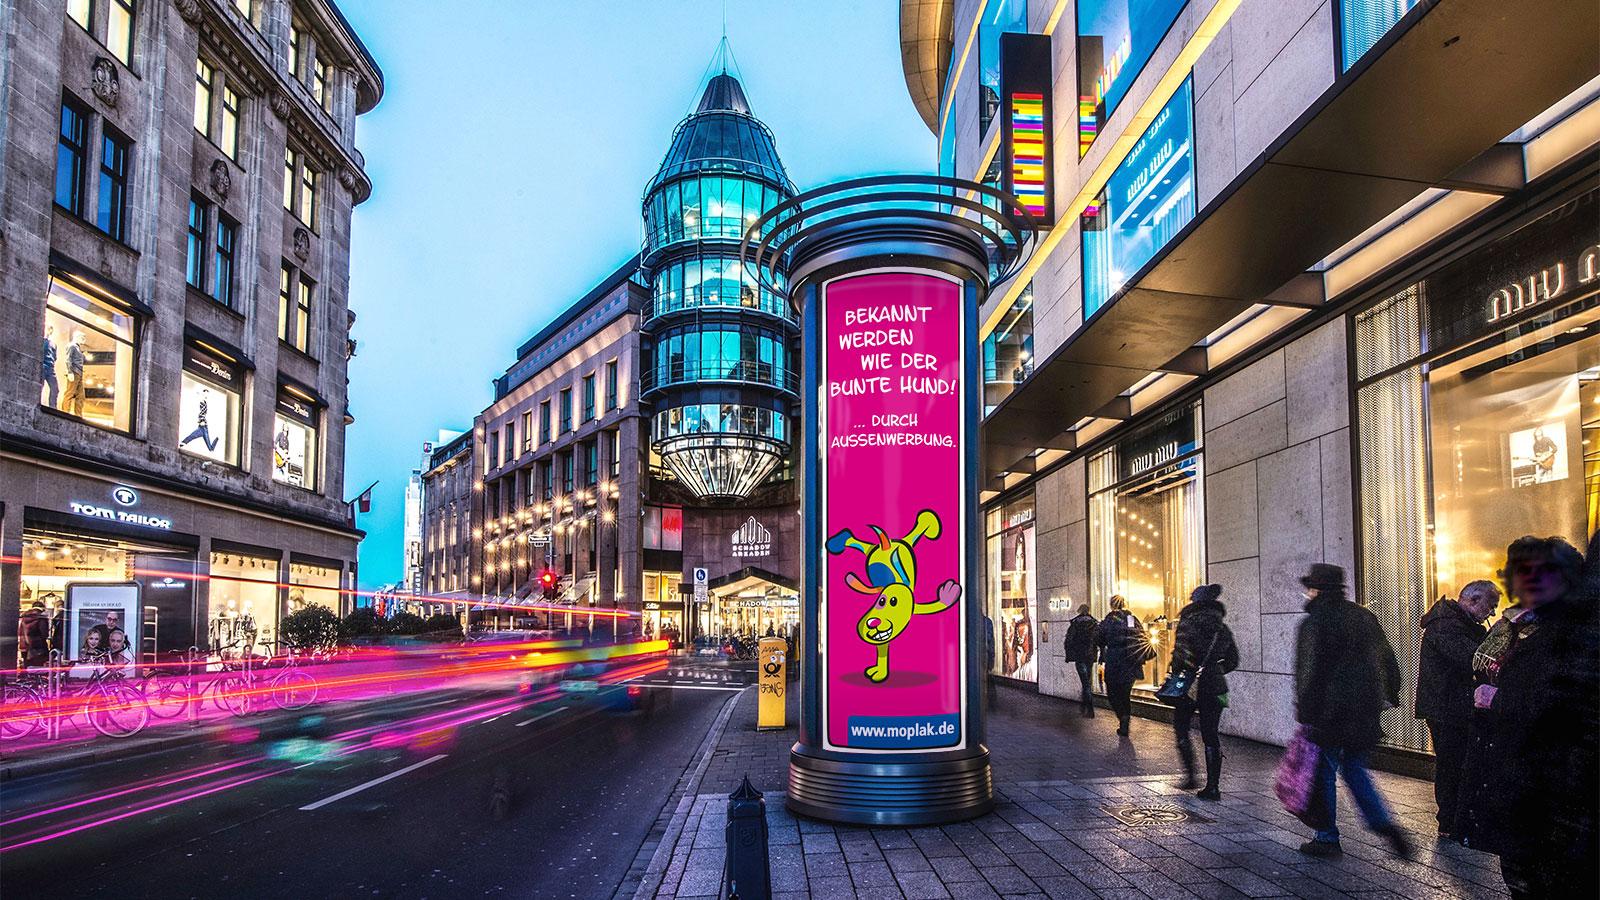 Goettingen-Aussenwerbung-Litfasssaeule-Werbung